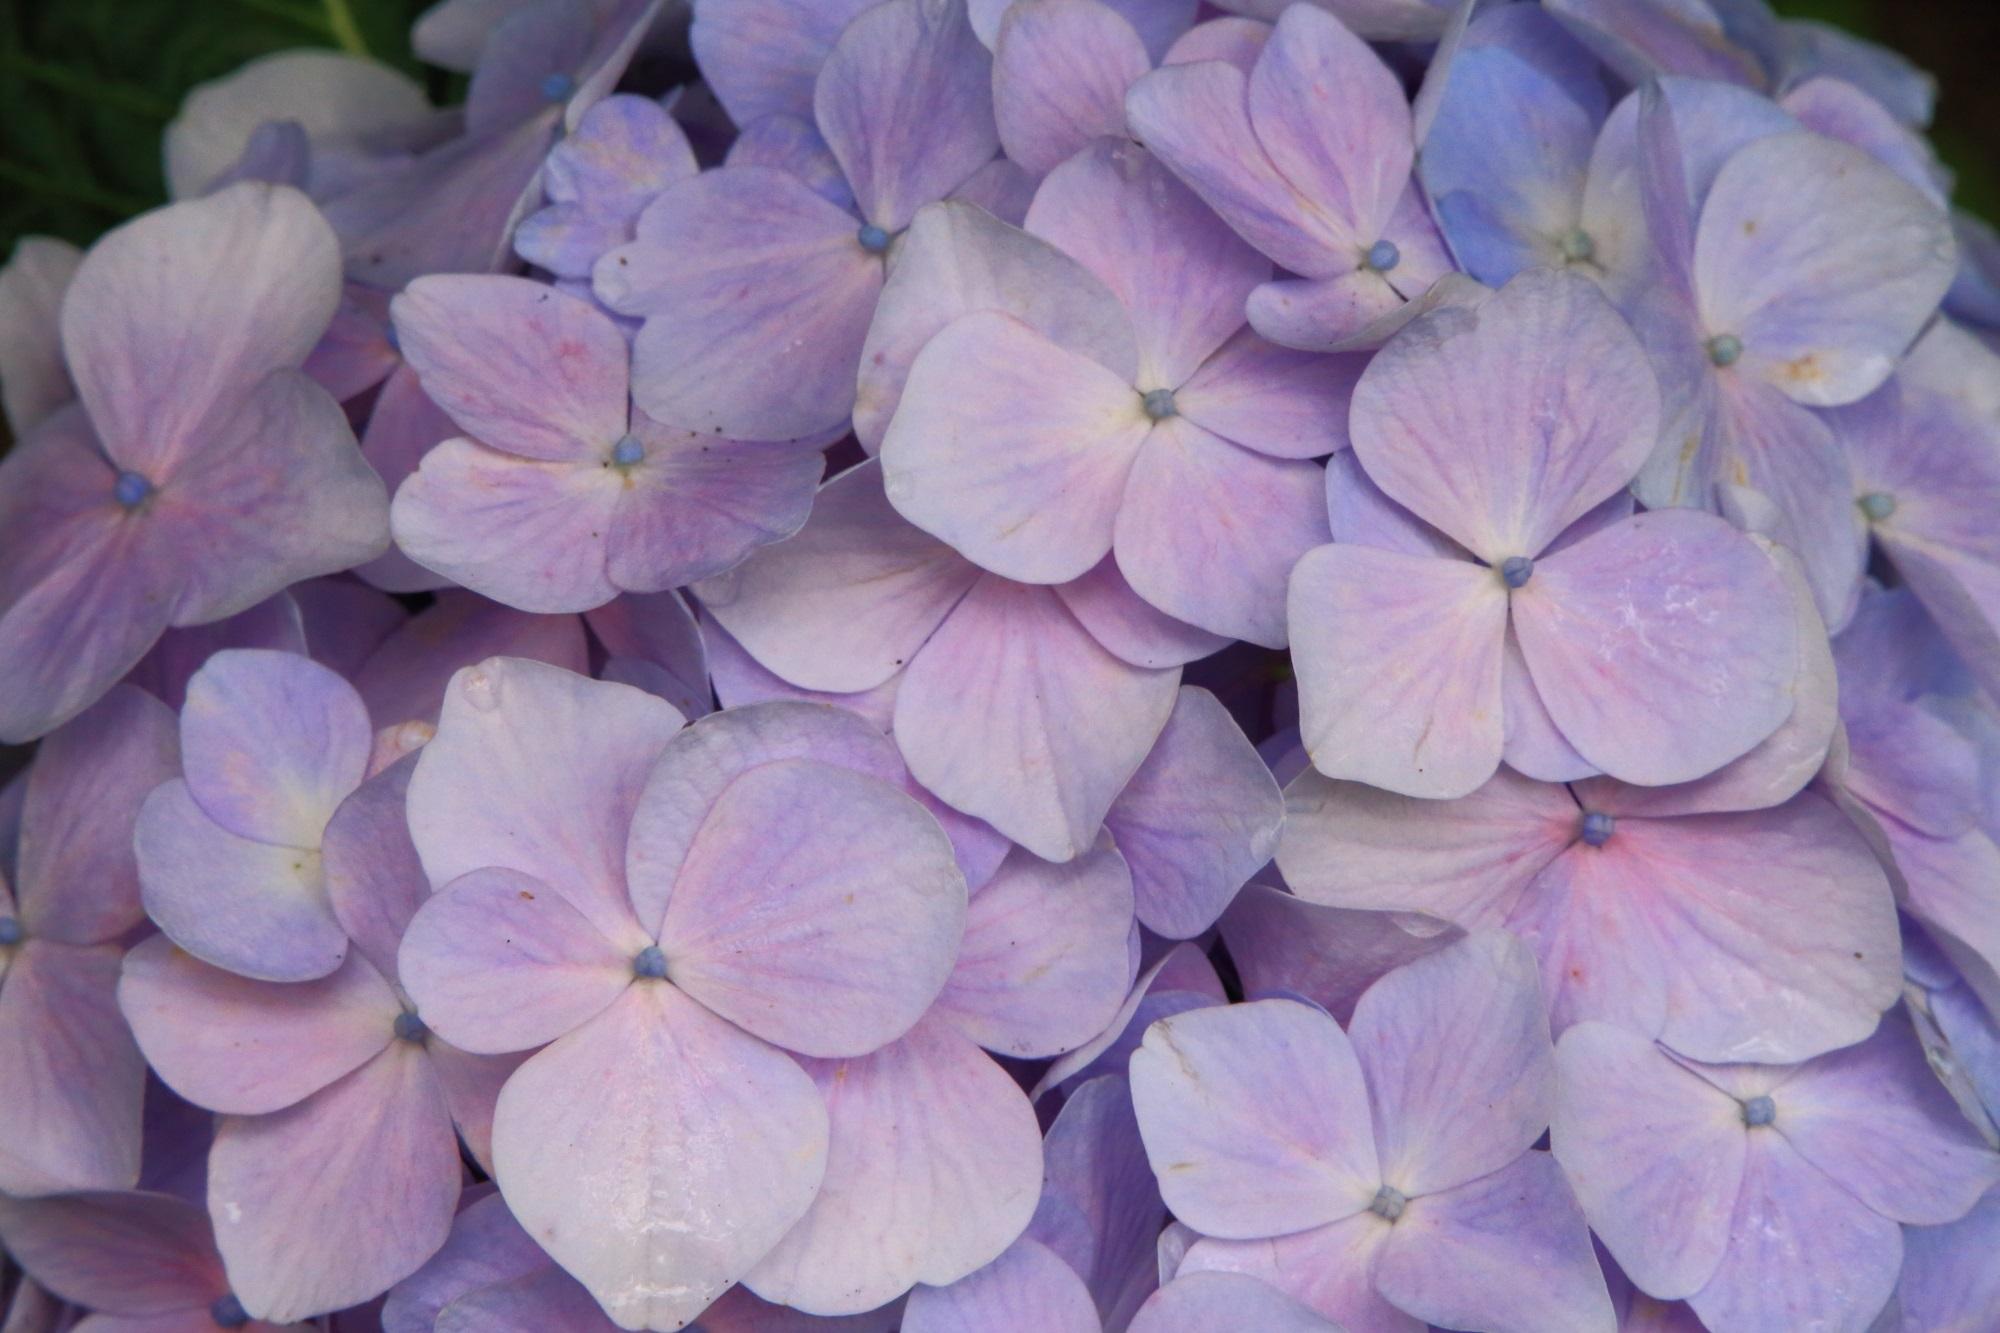 丹波あじさい寺のほのかなピンクが入った淡い色合いの見事な紫陽花